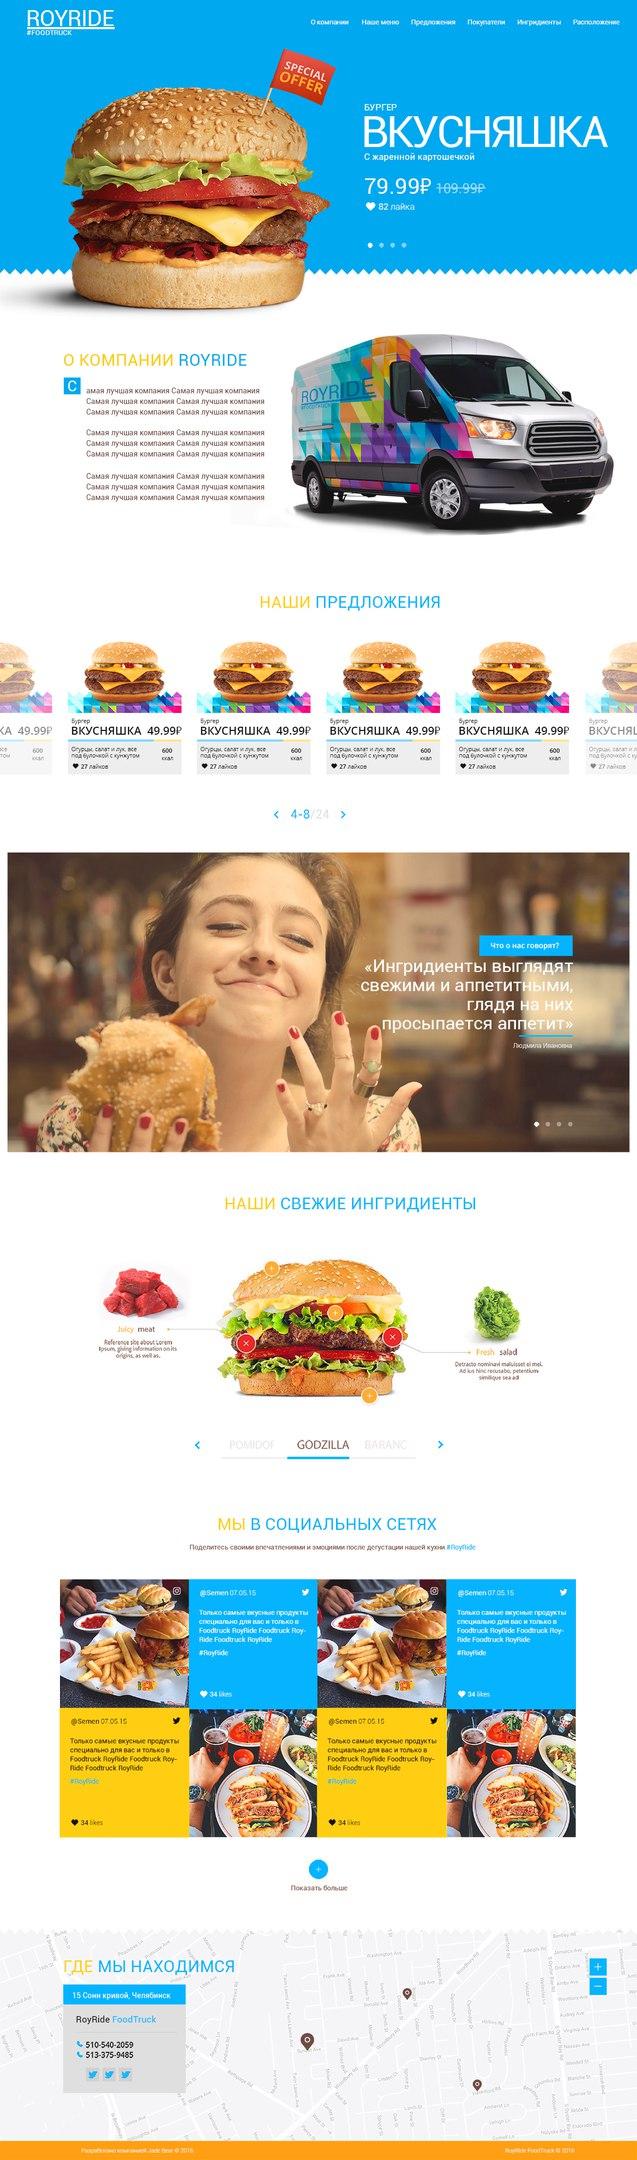 LP   FoodTruck RoyRide - общепит на колесах - примитивная реализация